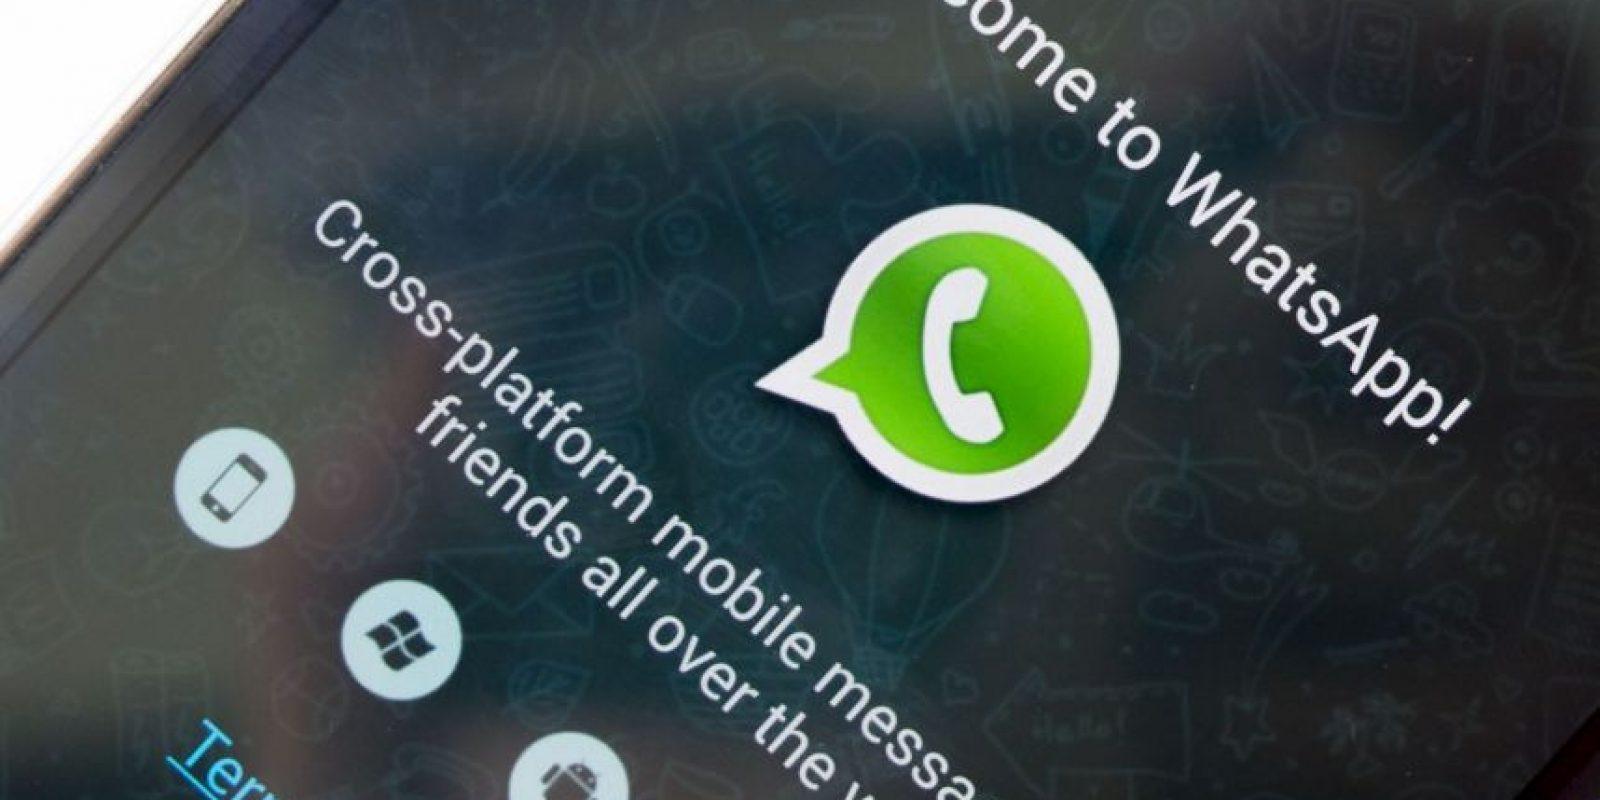 ¿Un WhatsApp azul? Esta supuesta nueva versión de la app prometía opciones de personalización aunque únicamente inscribía a los usuarios a un servicio que les cobraba varios dólares sin darles ninguna recompensa. Foto:vía Tumblr.com